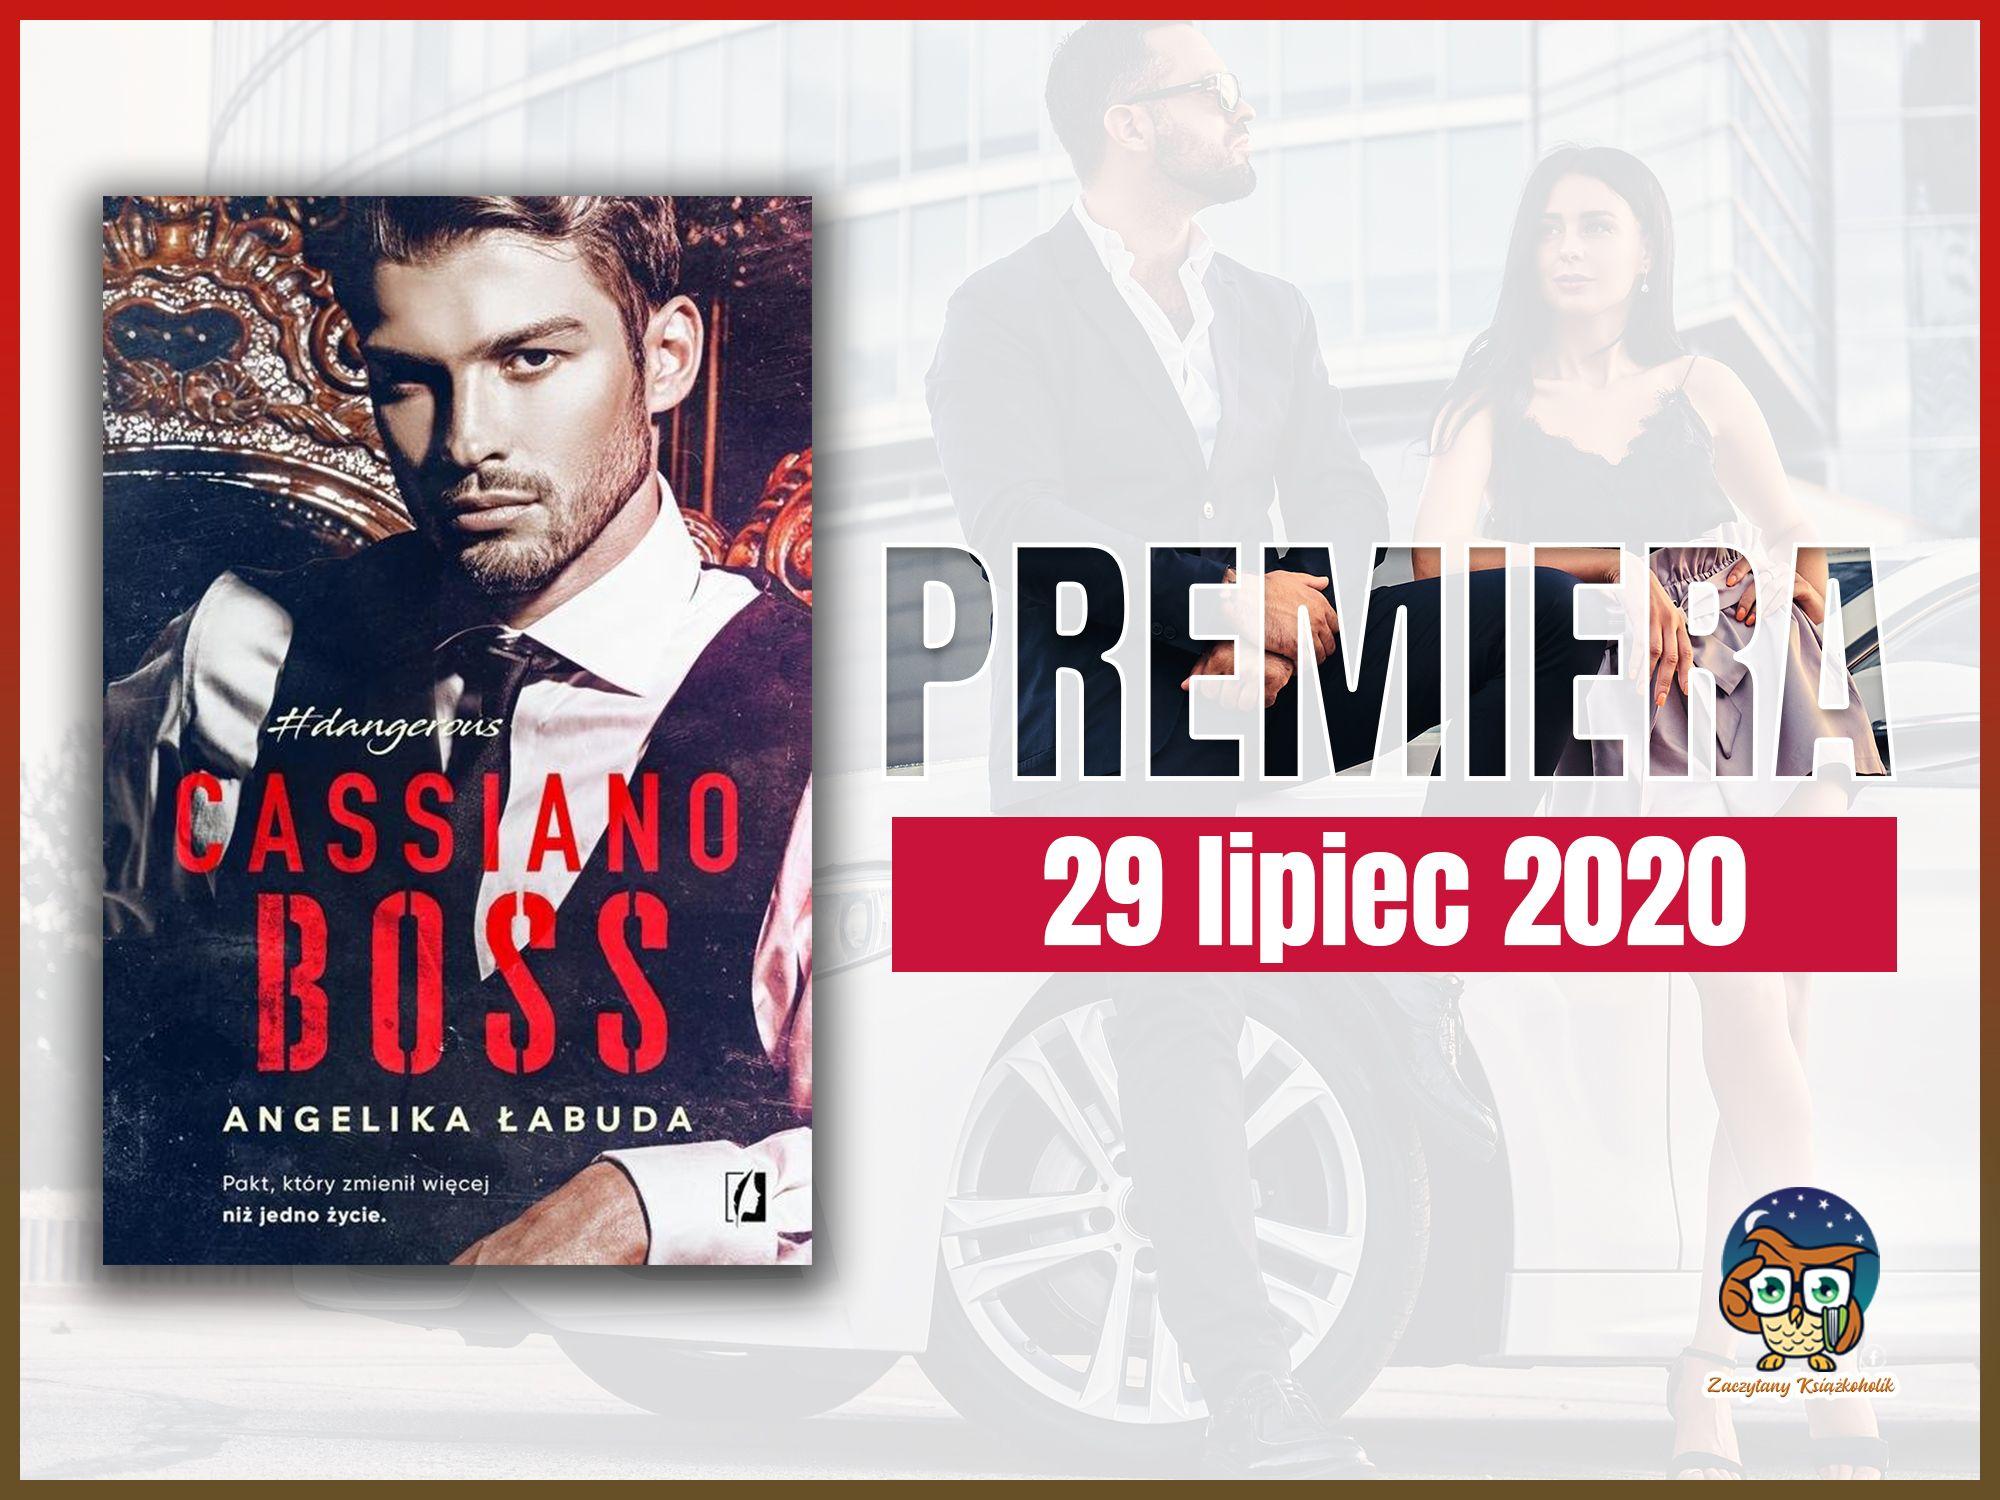 Cassiano Boss